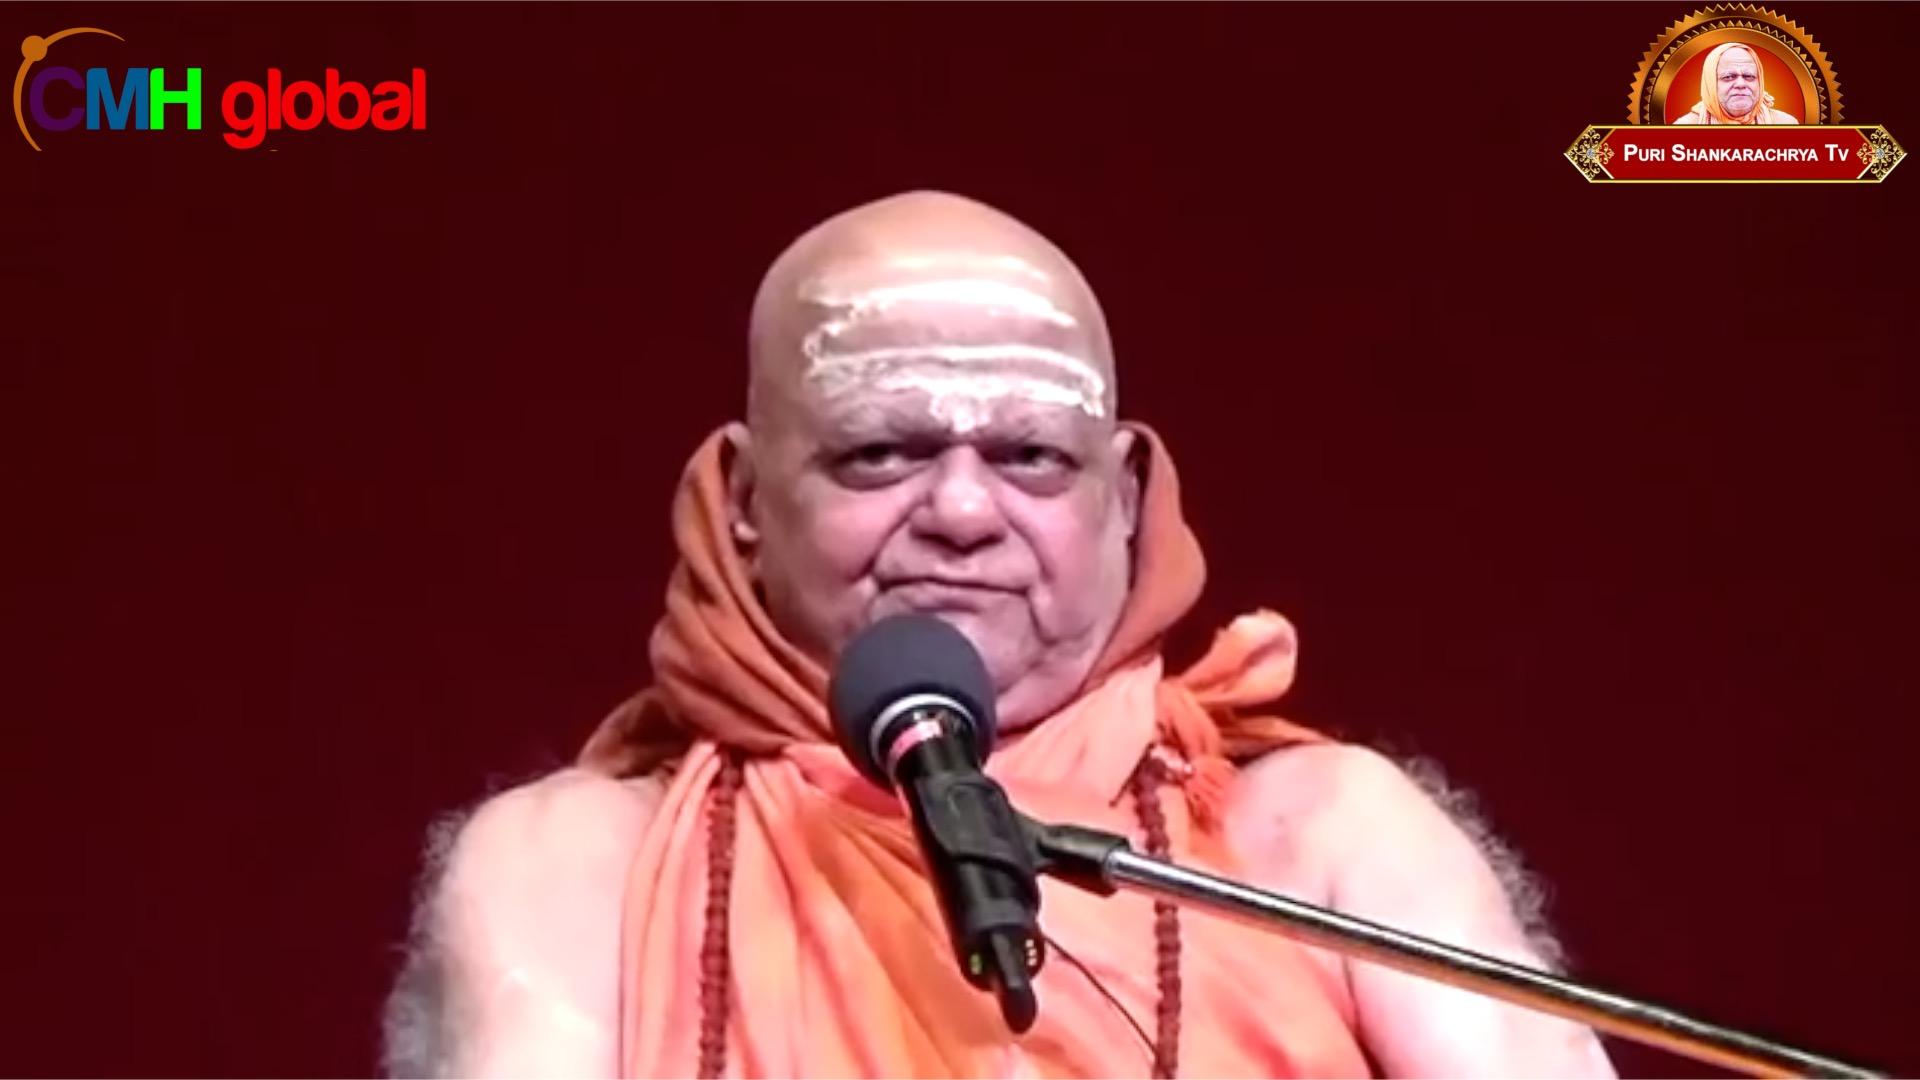 Gyan Dhara Ep -30 by Puri Shankaracharya Swami Nishchalananda Saraswati Ji